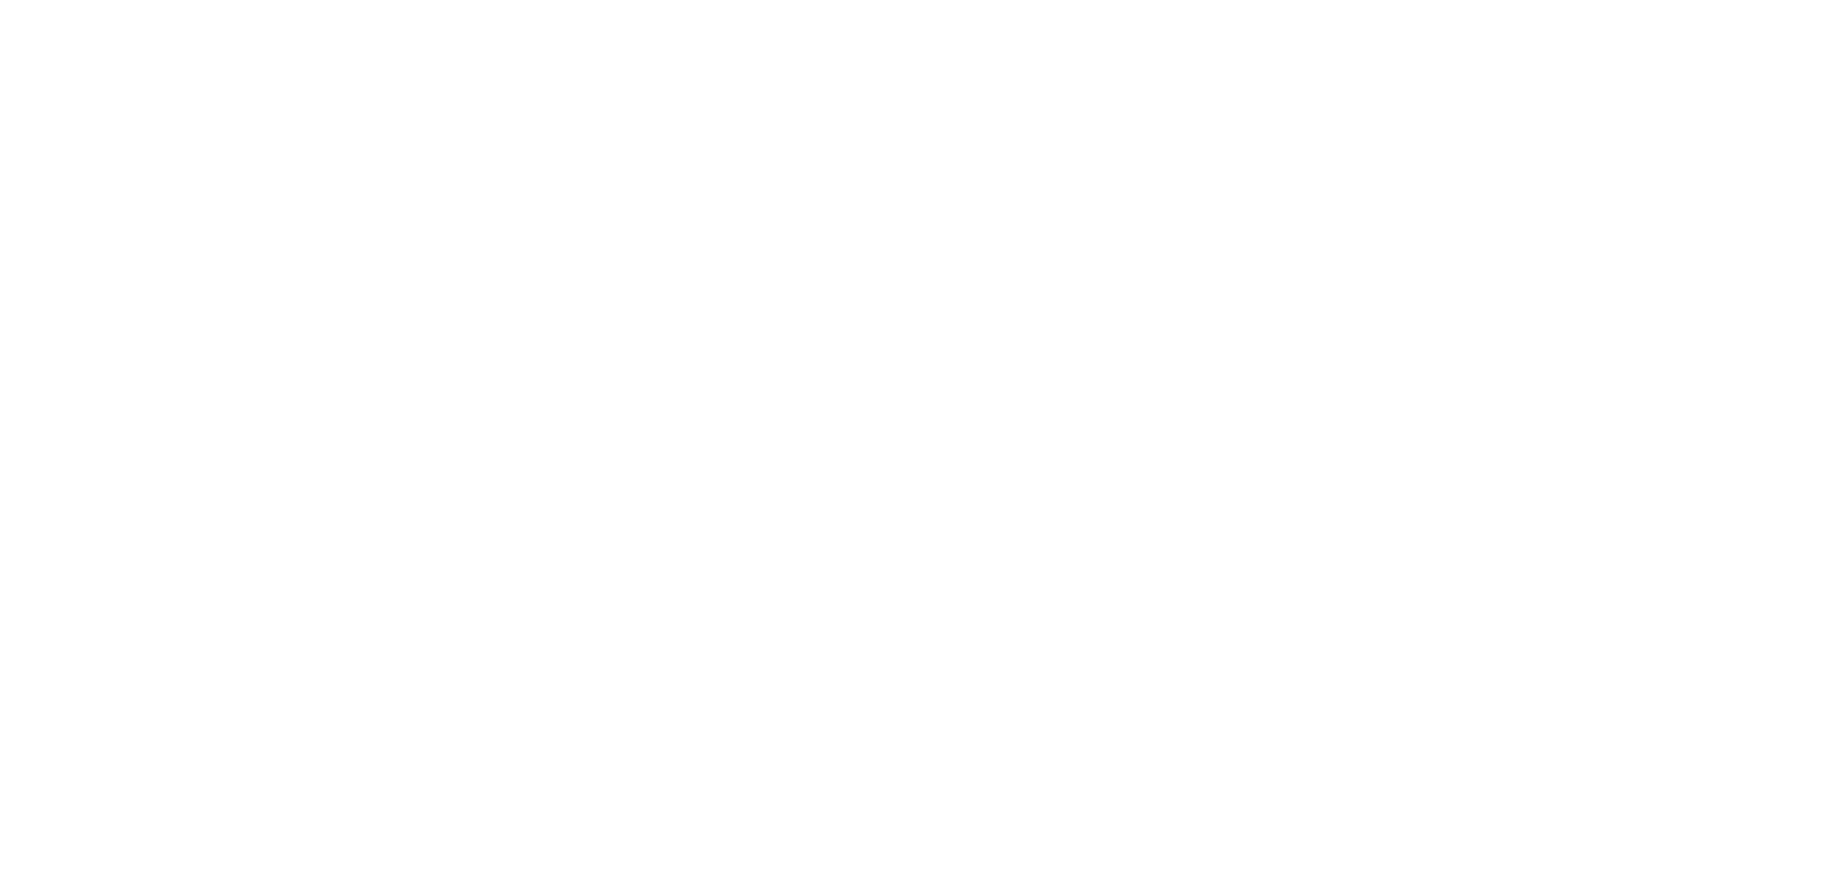 FordHermo